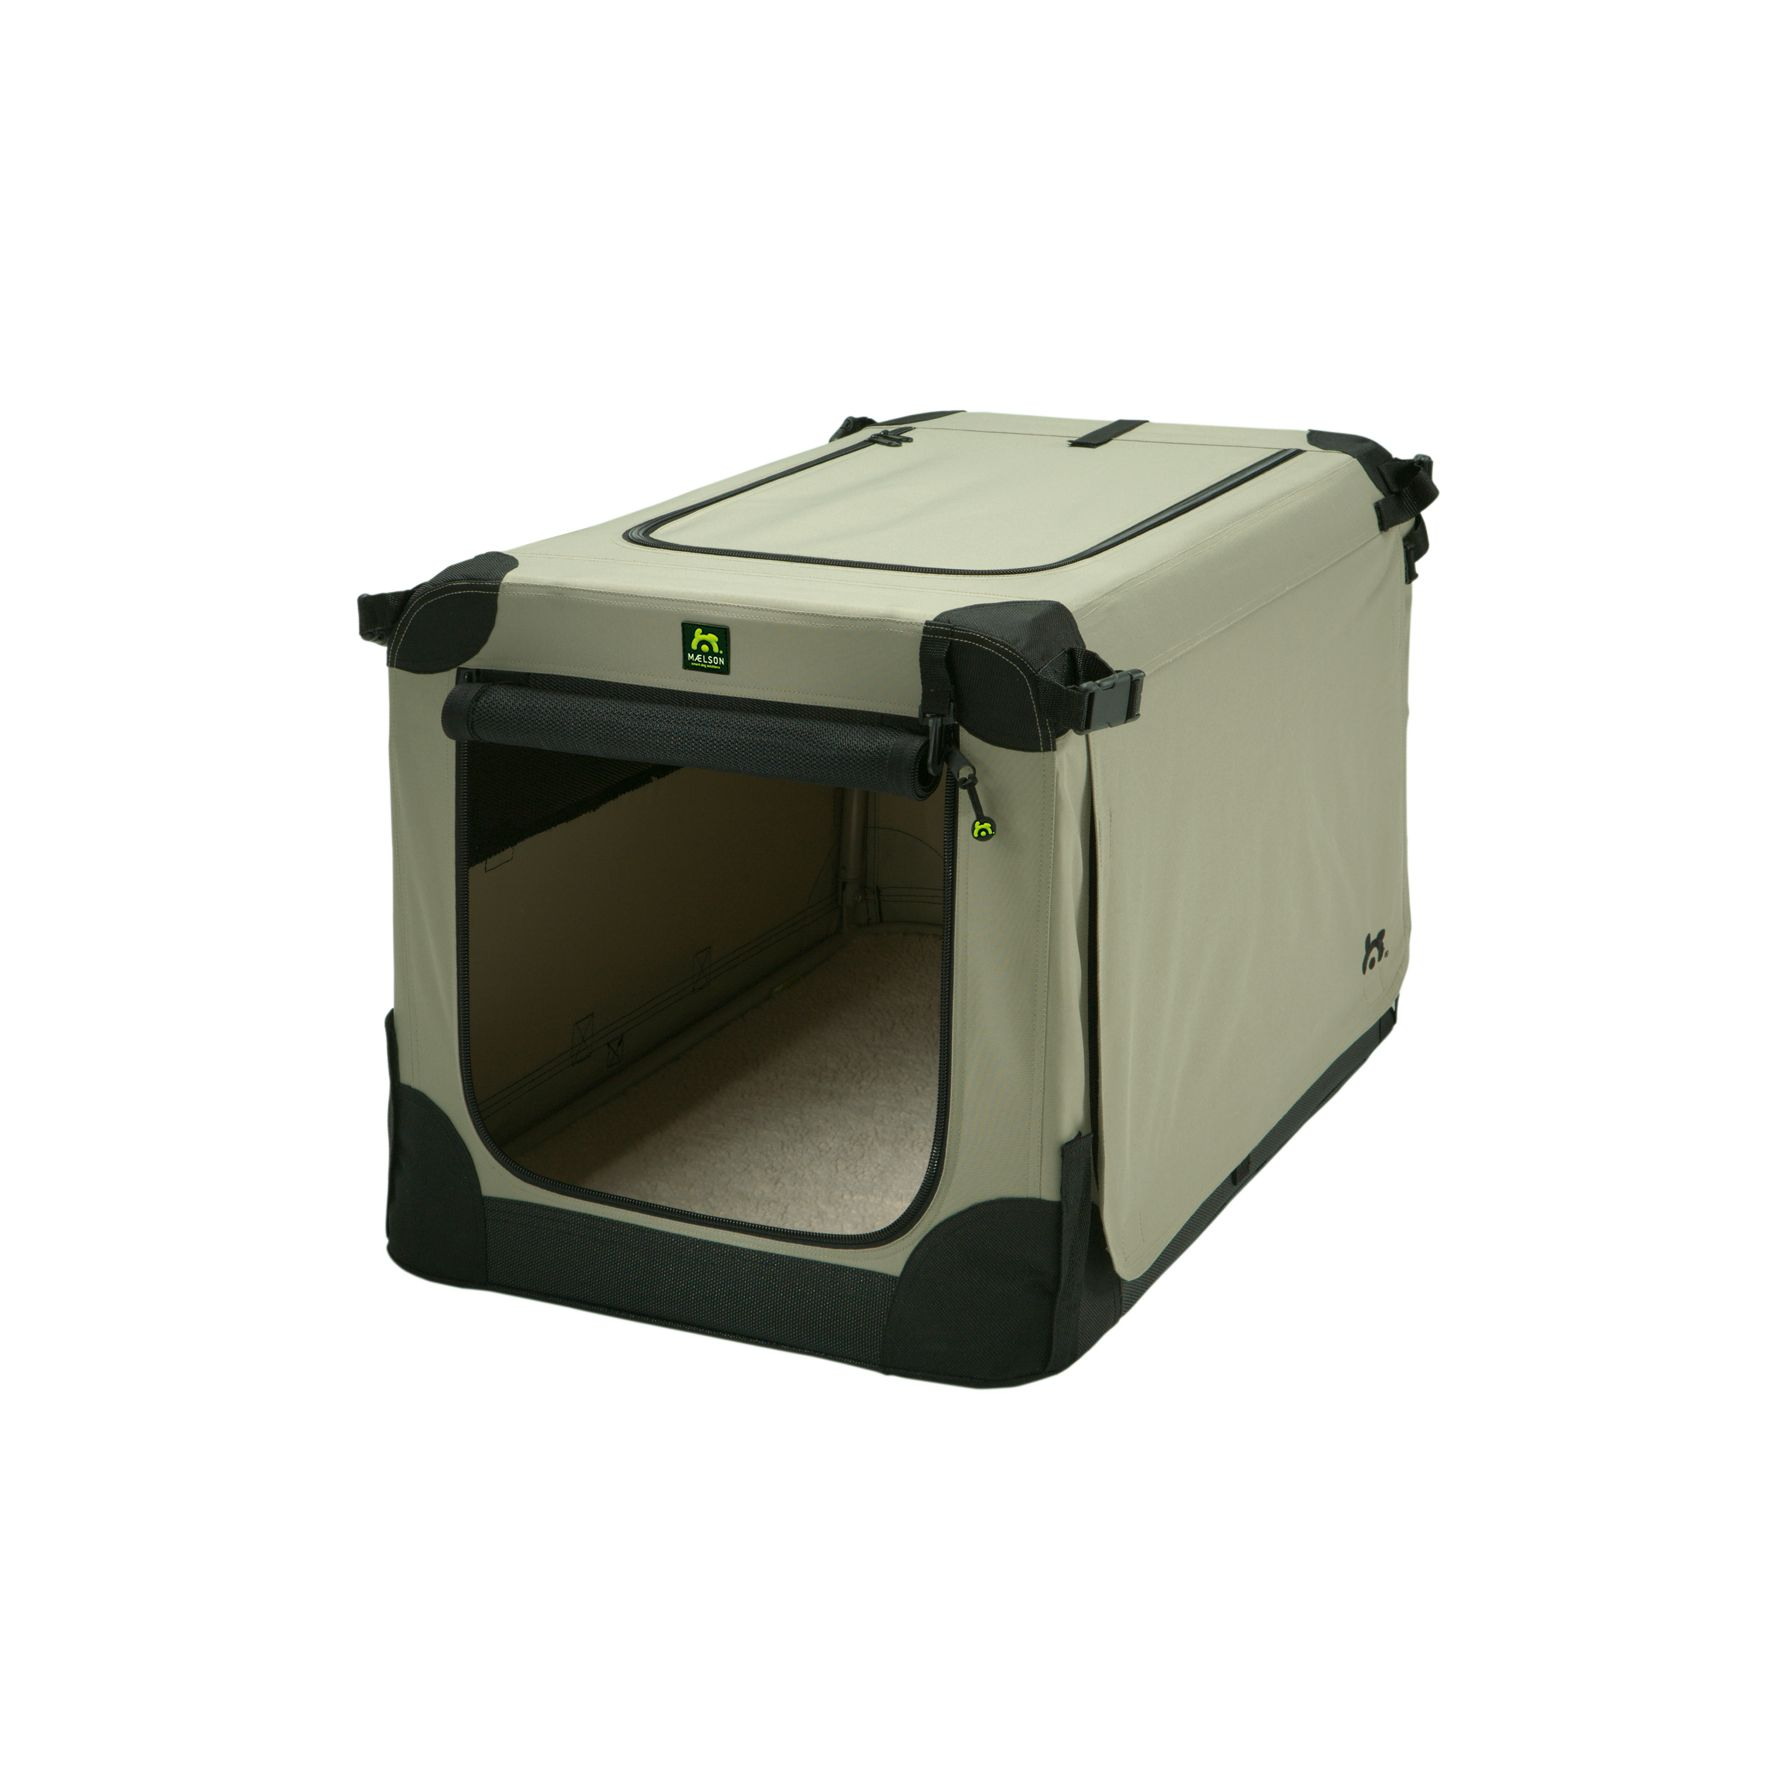 Přepravka pro psy Maelson - černo-béžová - M, 72x51x51 cm